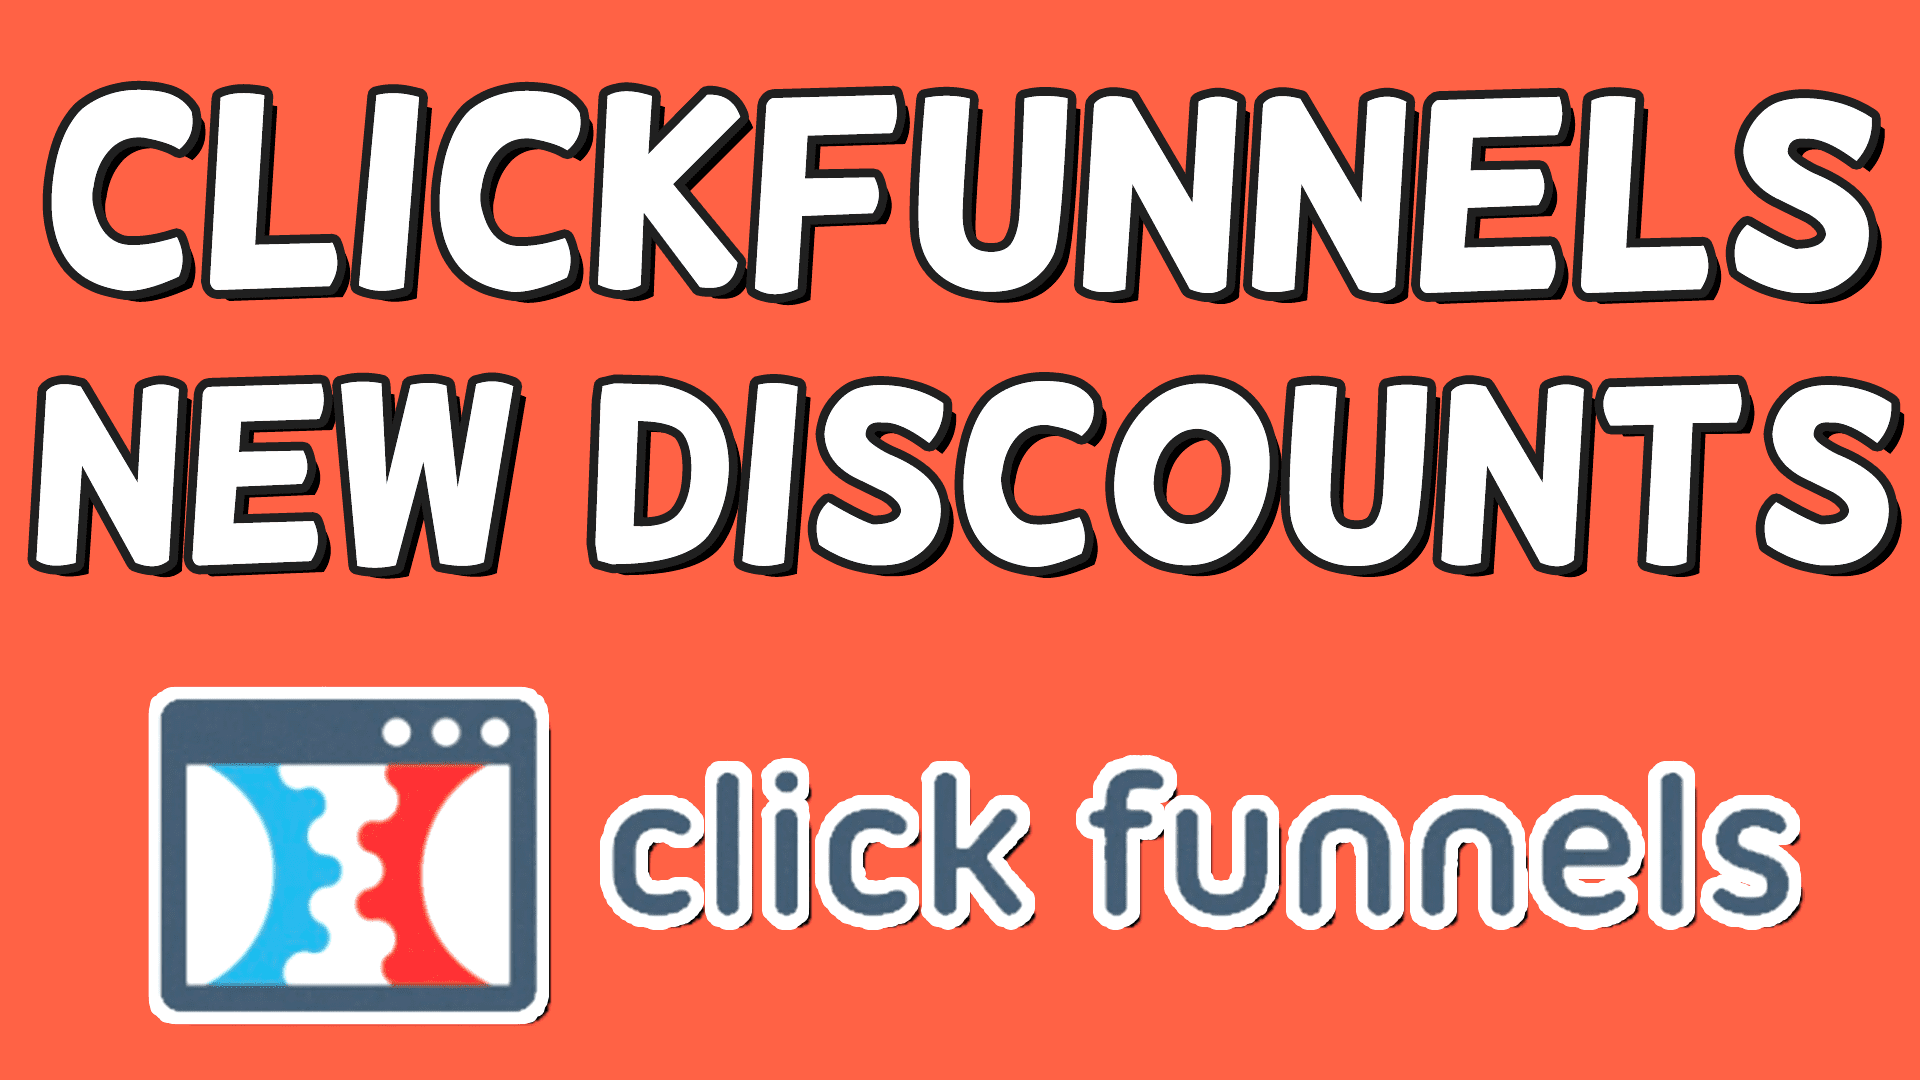 clickfunnels coupon code discounts